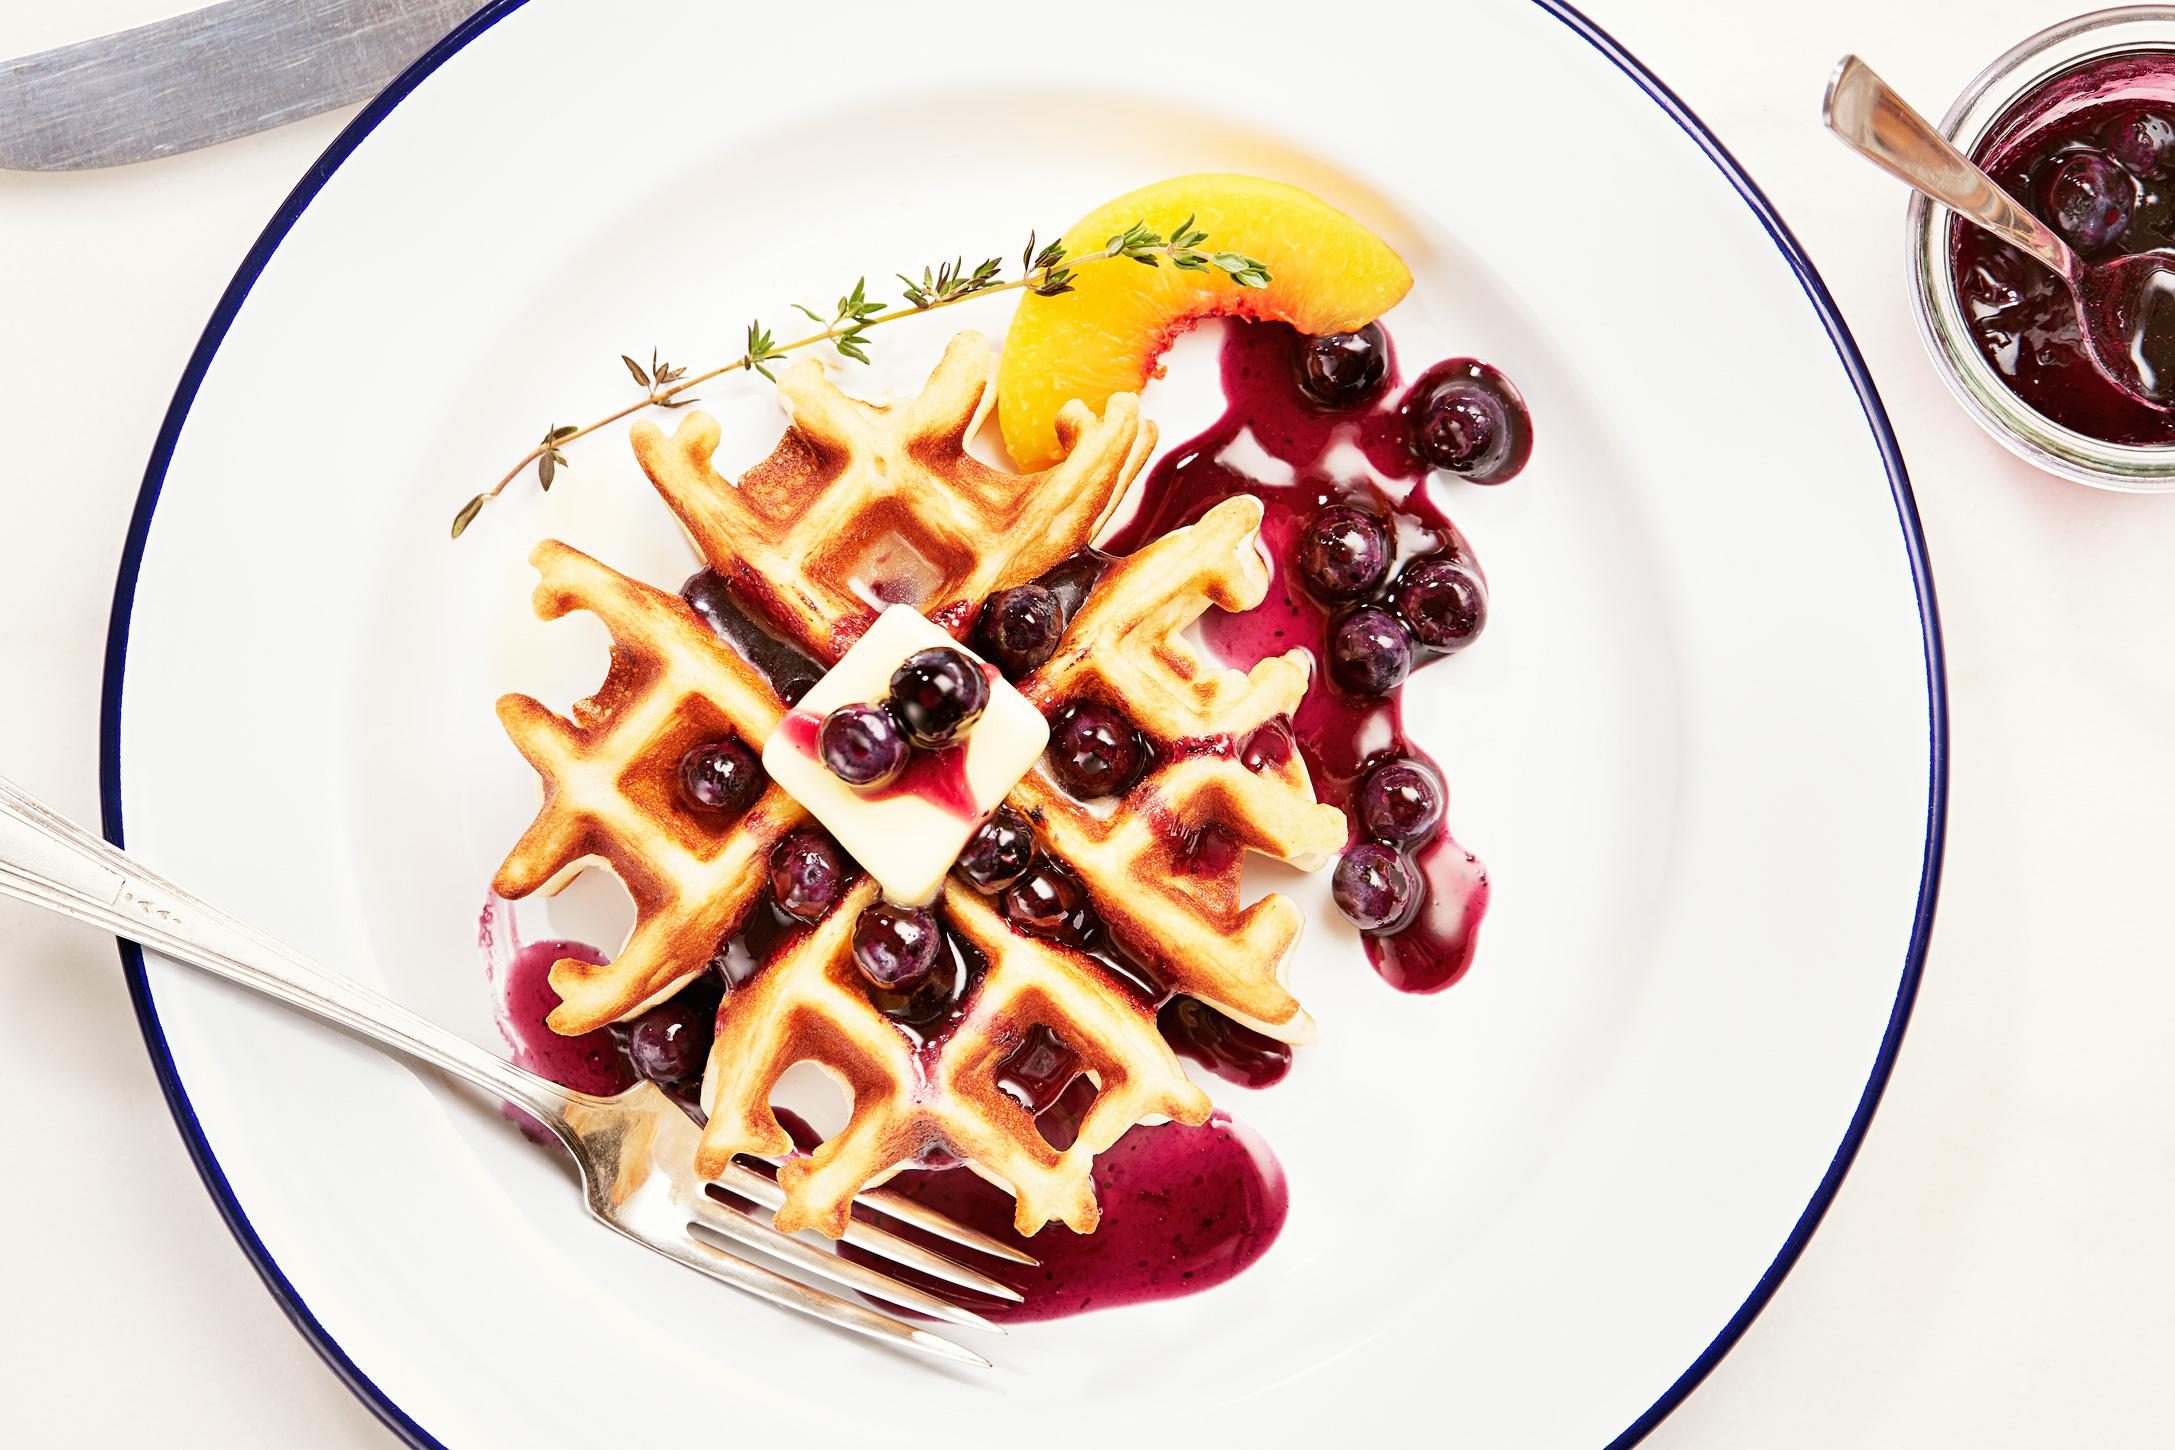 170216-AG-BreakfastTest18183.jpg